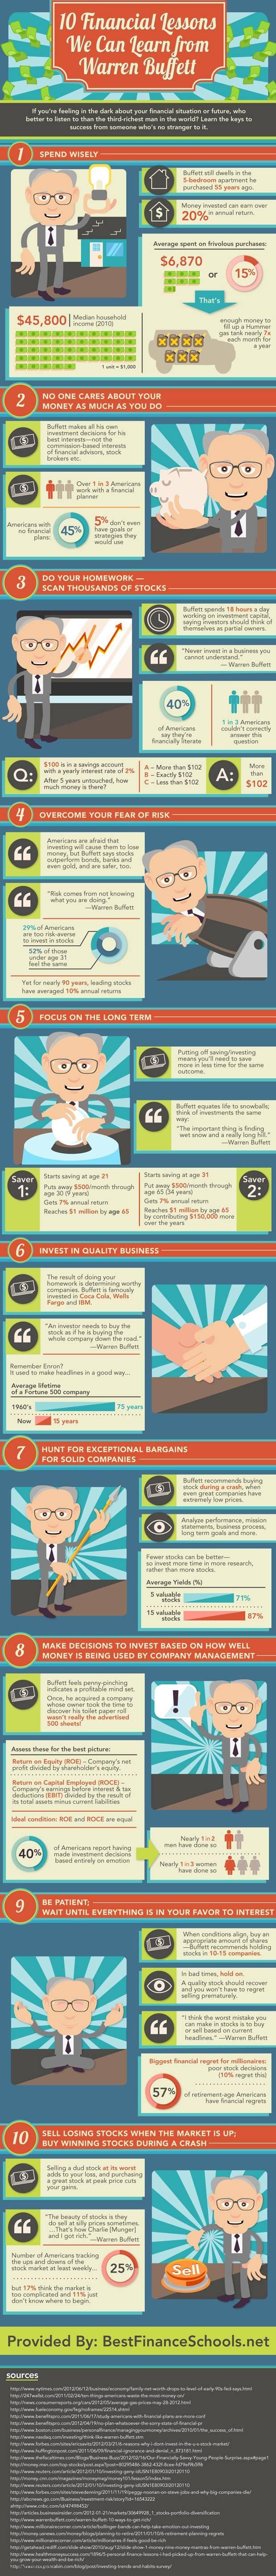 Top 10 Financial Tips By Warren Buffett